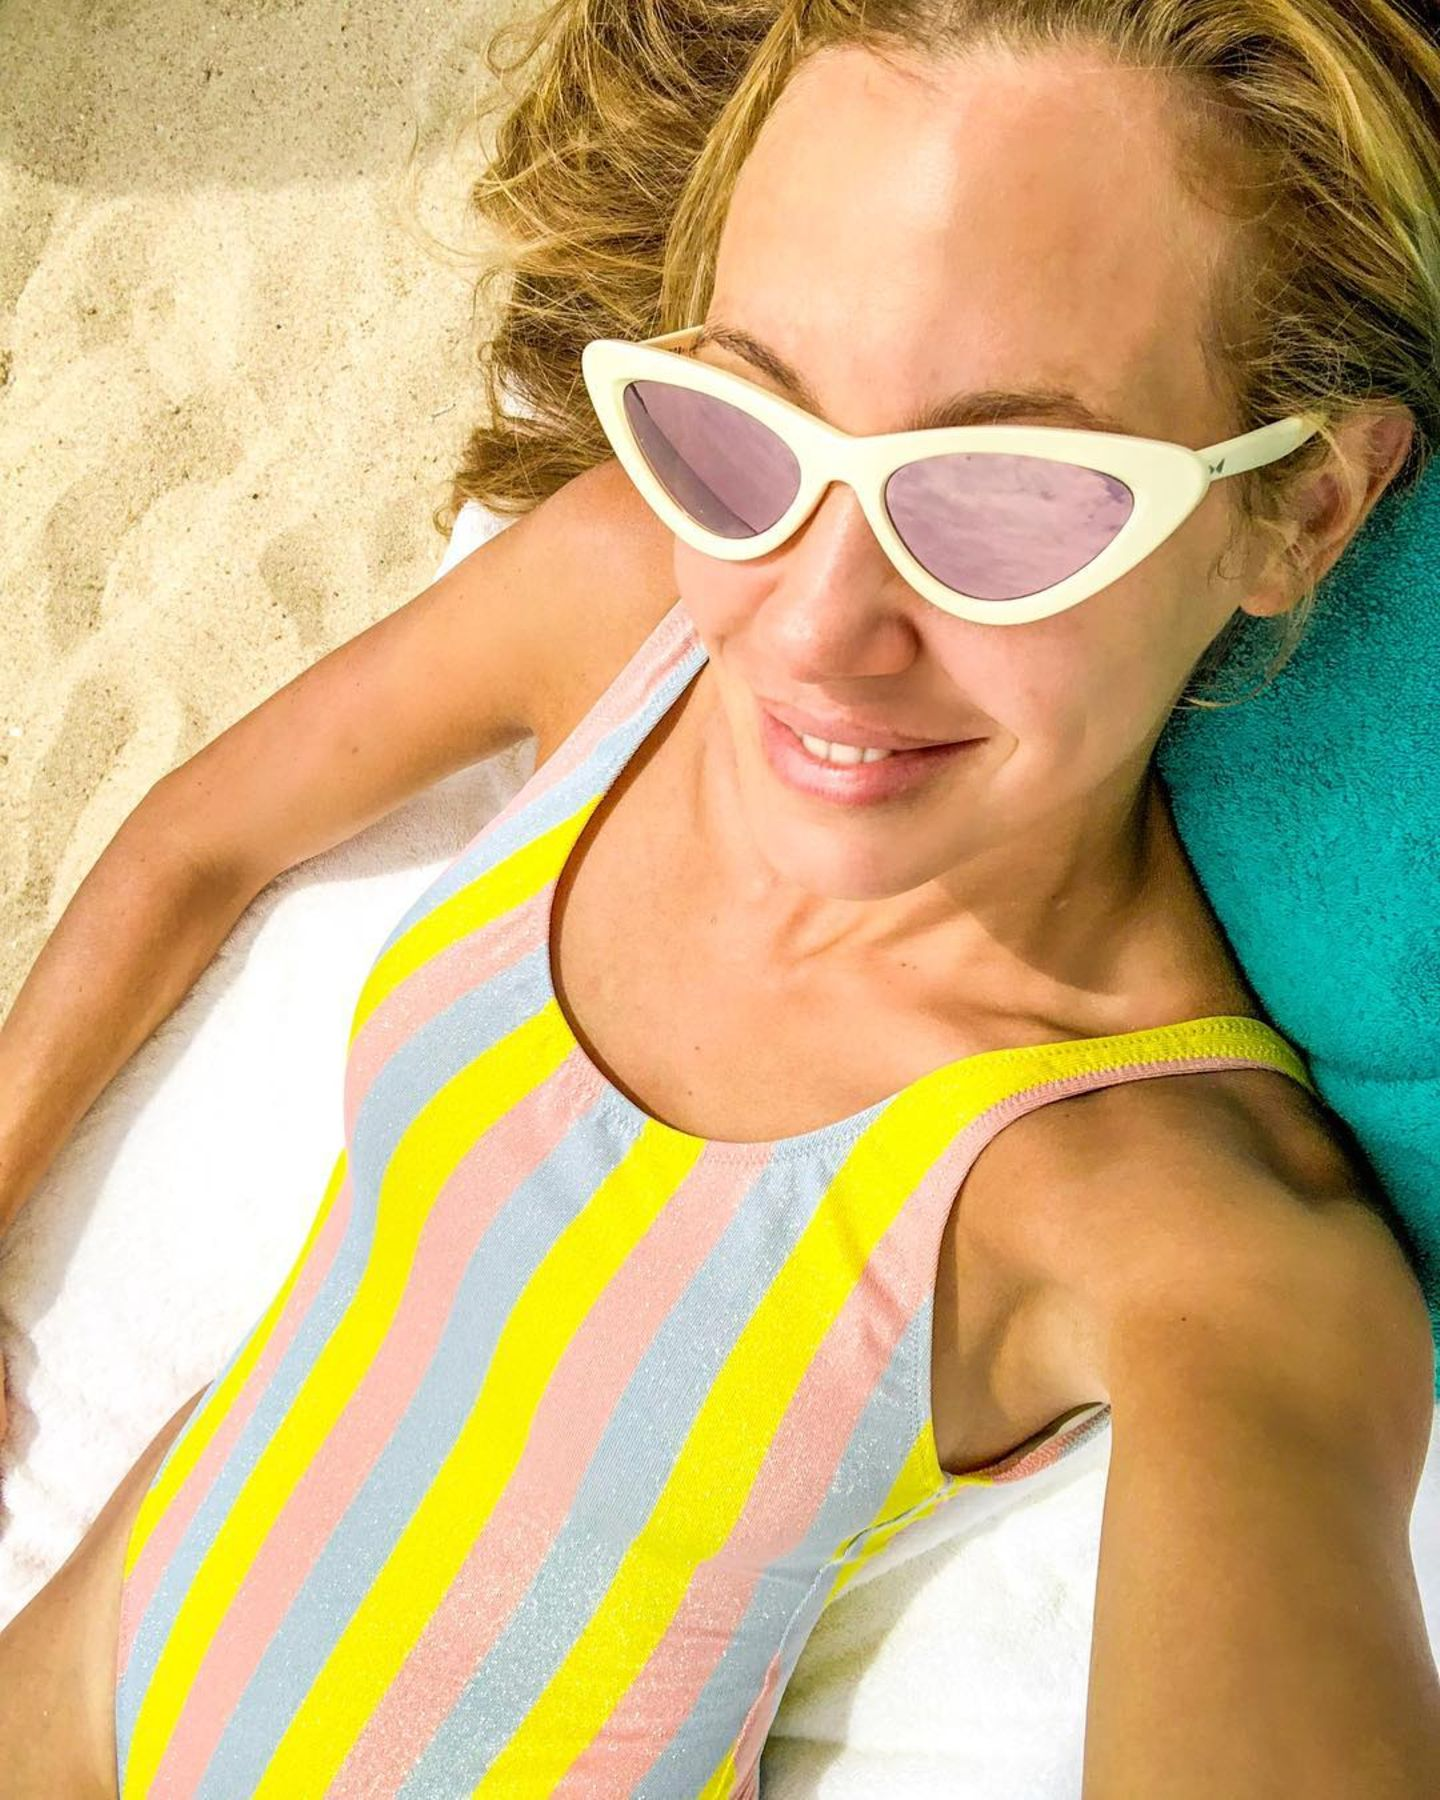 Das Model Alessandra Meyer-Wölden liegt nicht nur mit ihrer sexy Cat-Eye-Sonnenbrille voll im Trend. Auch ihrstylischer Badeanzug in Streifen-Optik zählt zu den Sommer-It-Pieces 2018. Alles richtig gemacht, Sandy!